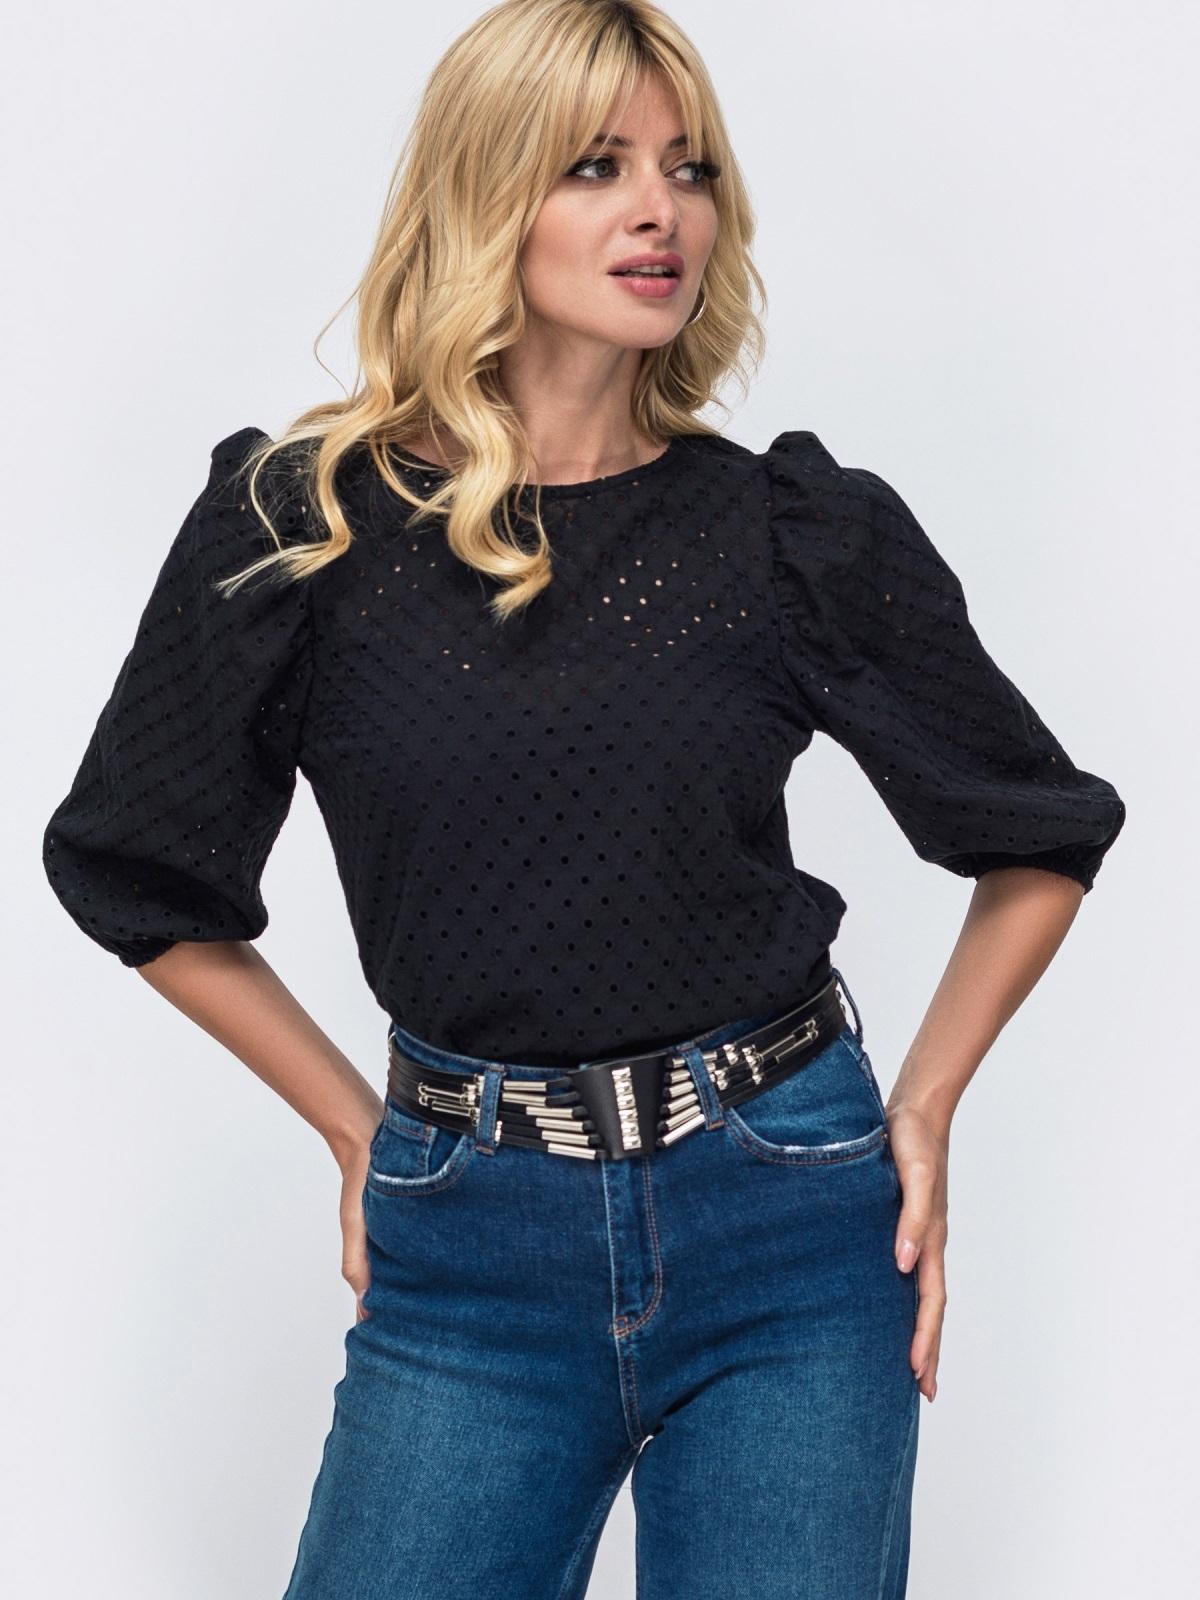 Прямая блузка из прошвы с объемными рукавами чёрная 50061, фото 1